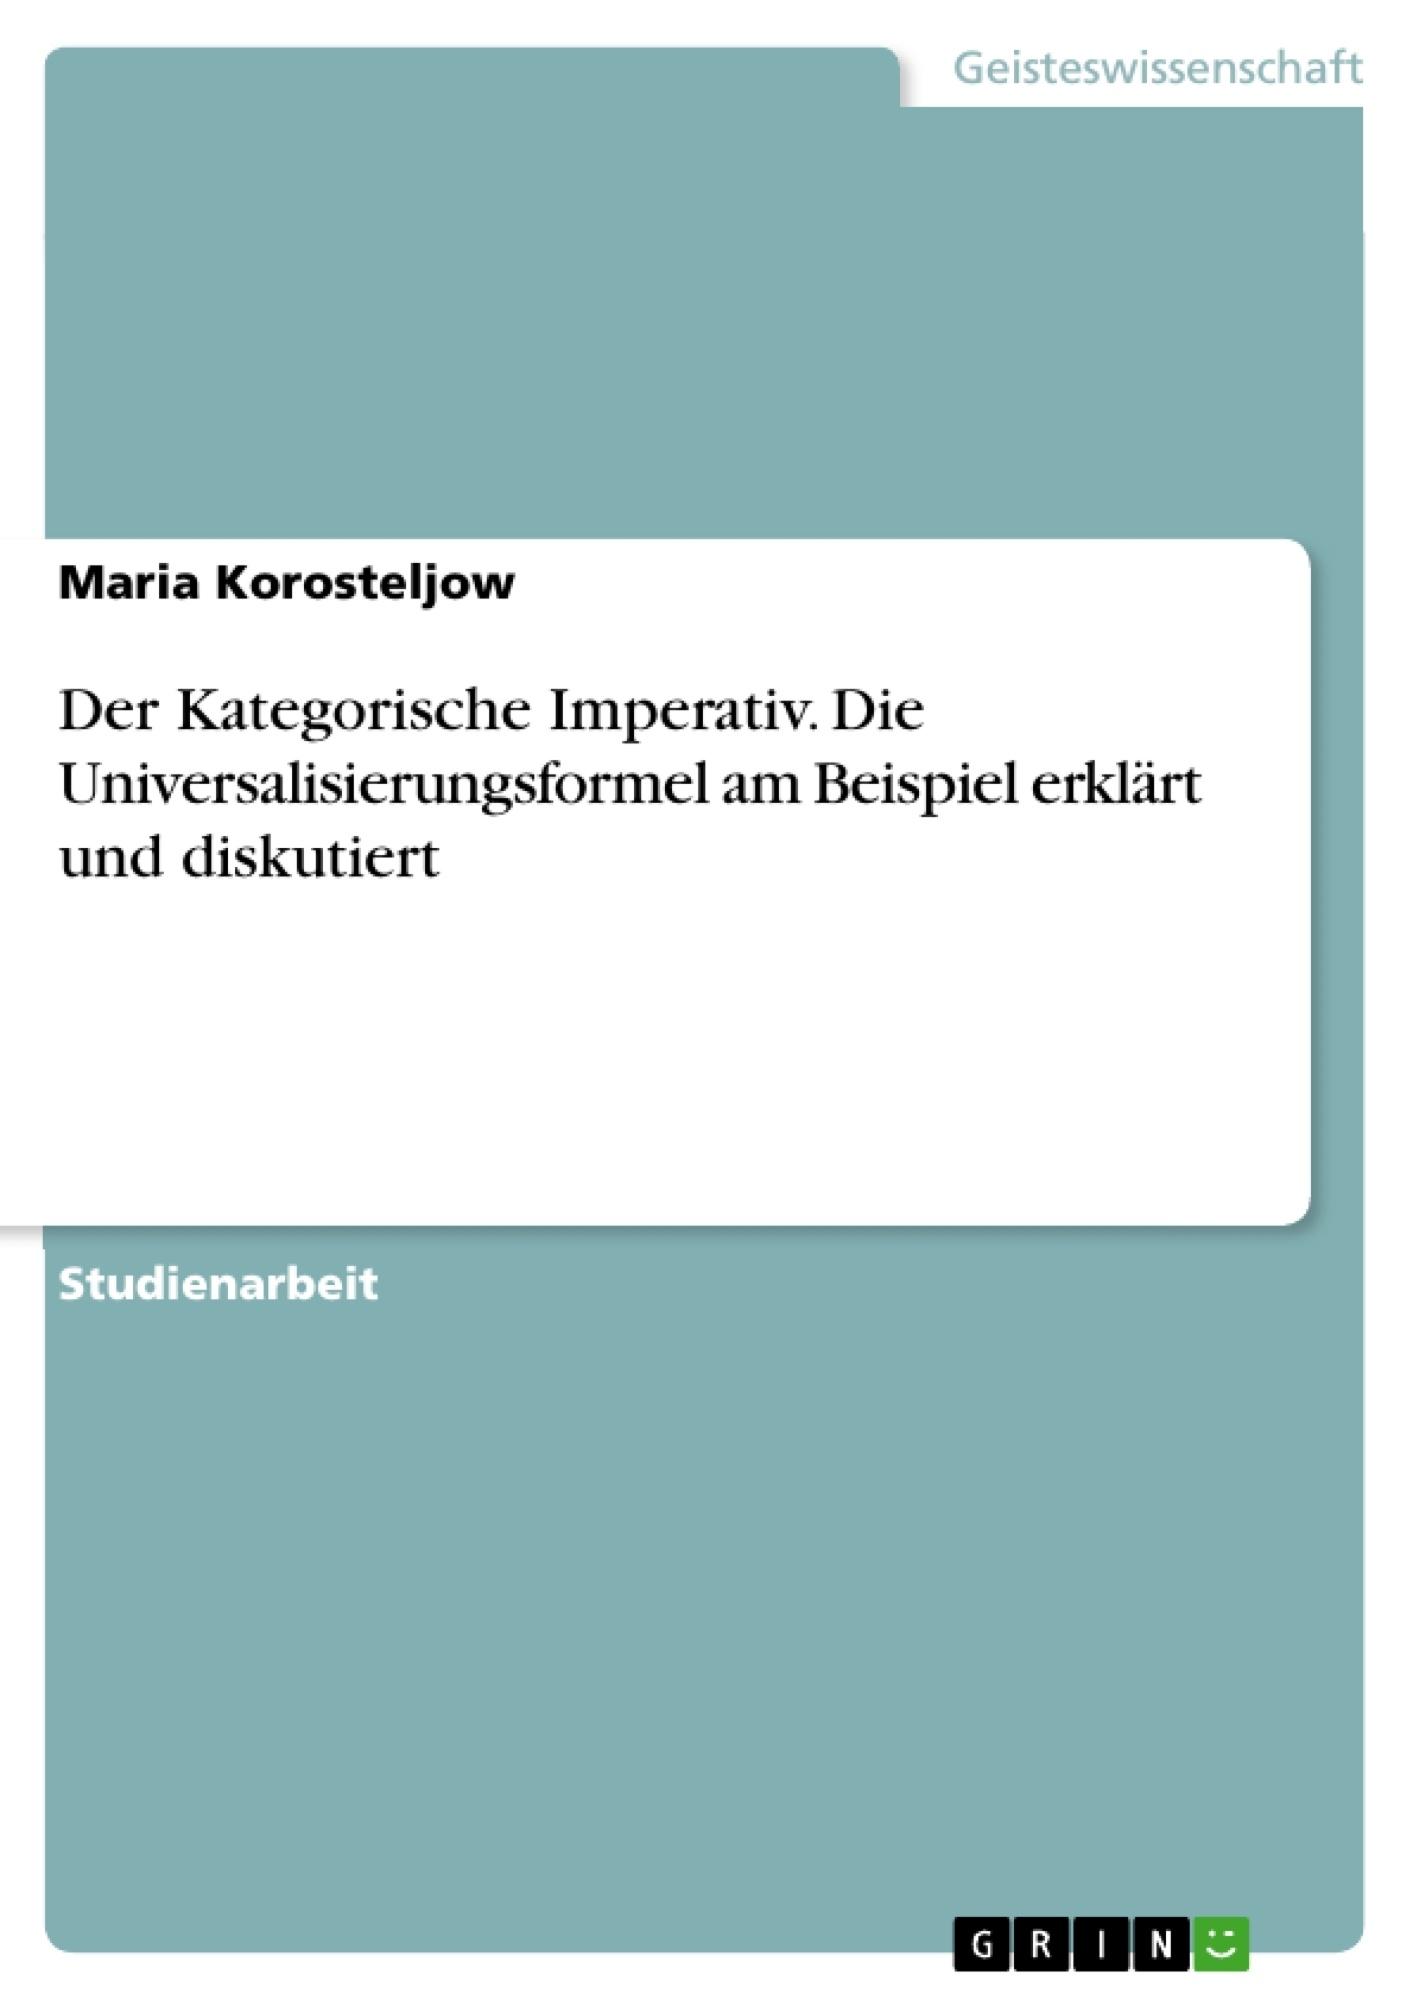 Titel: Der Kategorische Imperativ. Die Universalisierungsformel am Beispiel erklärt und diskutiert